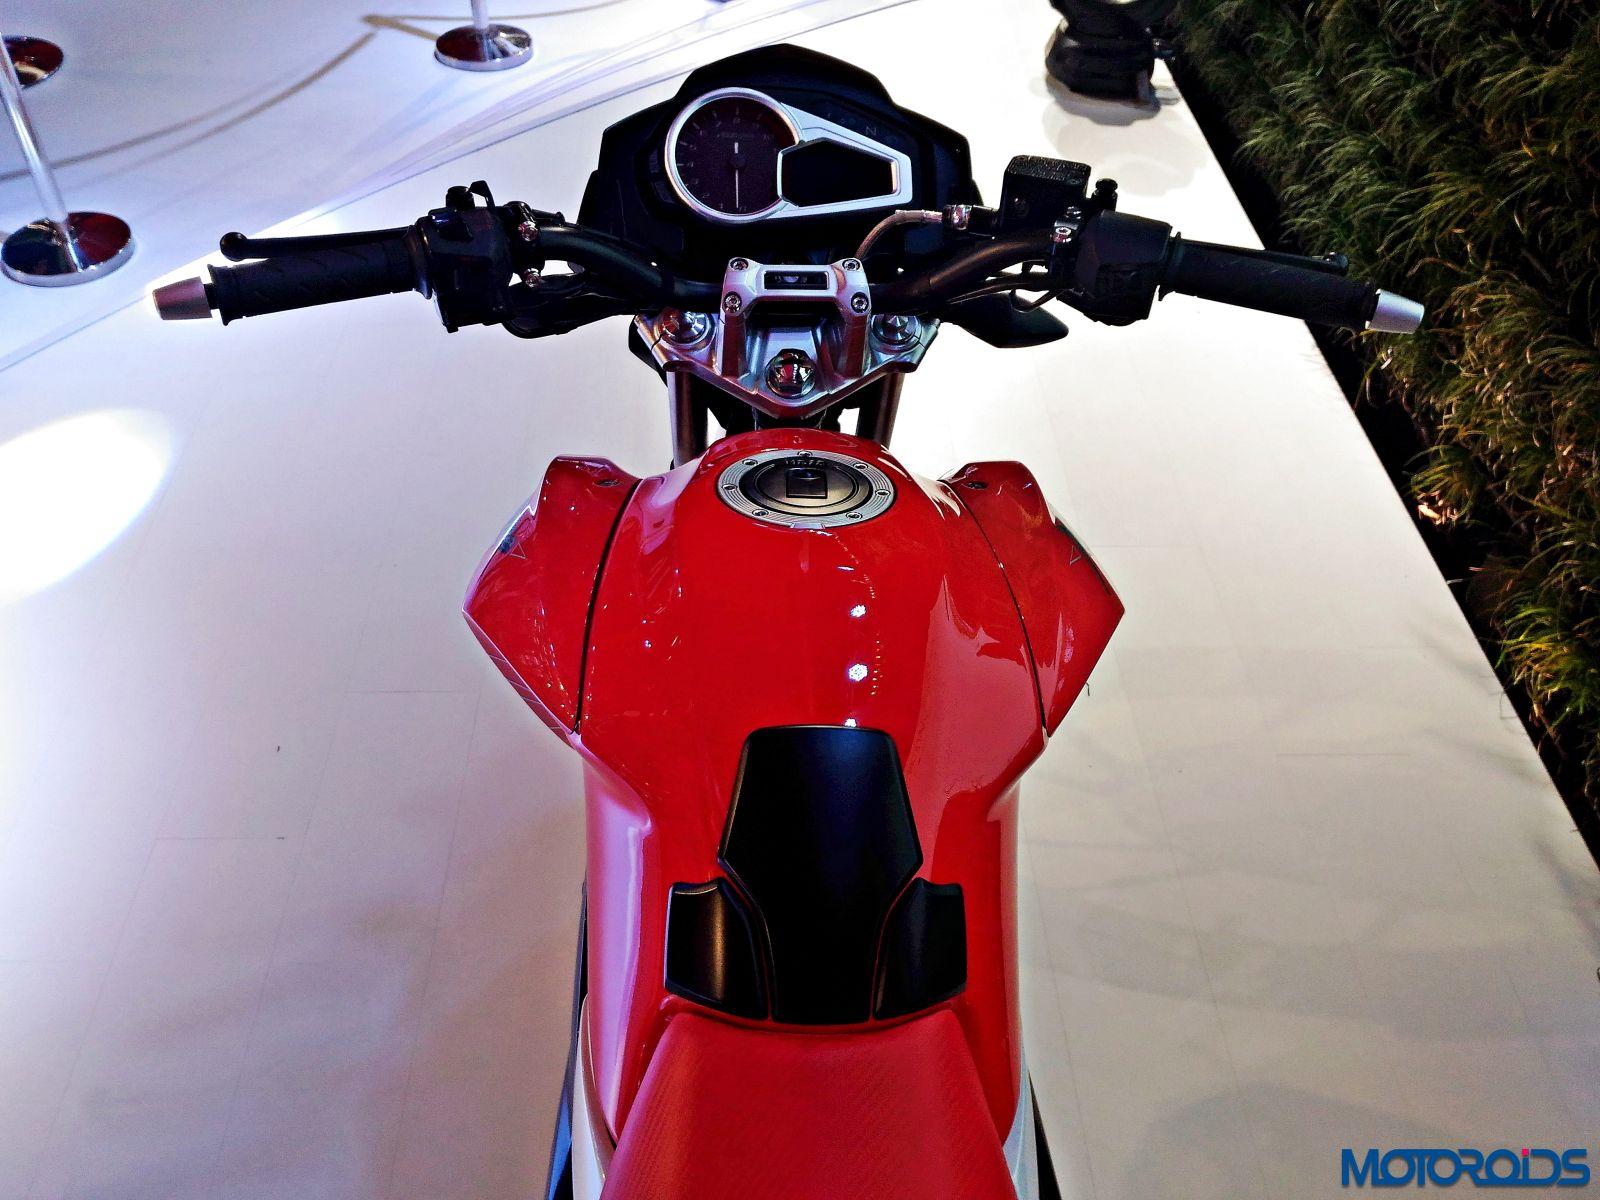 Hero Xtreme 200 S - Auto Expo 2016 (4)